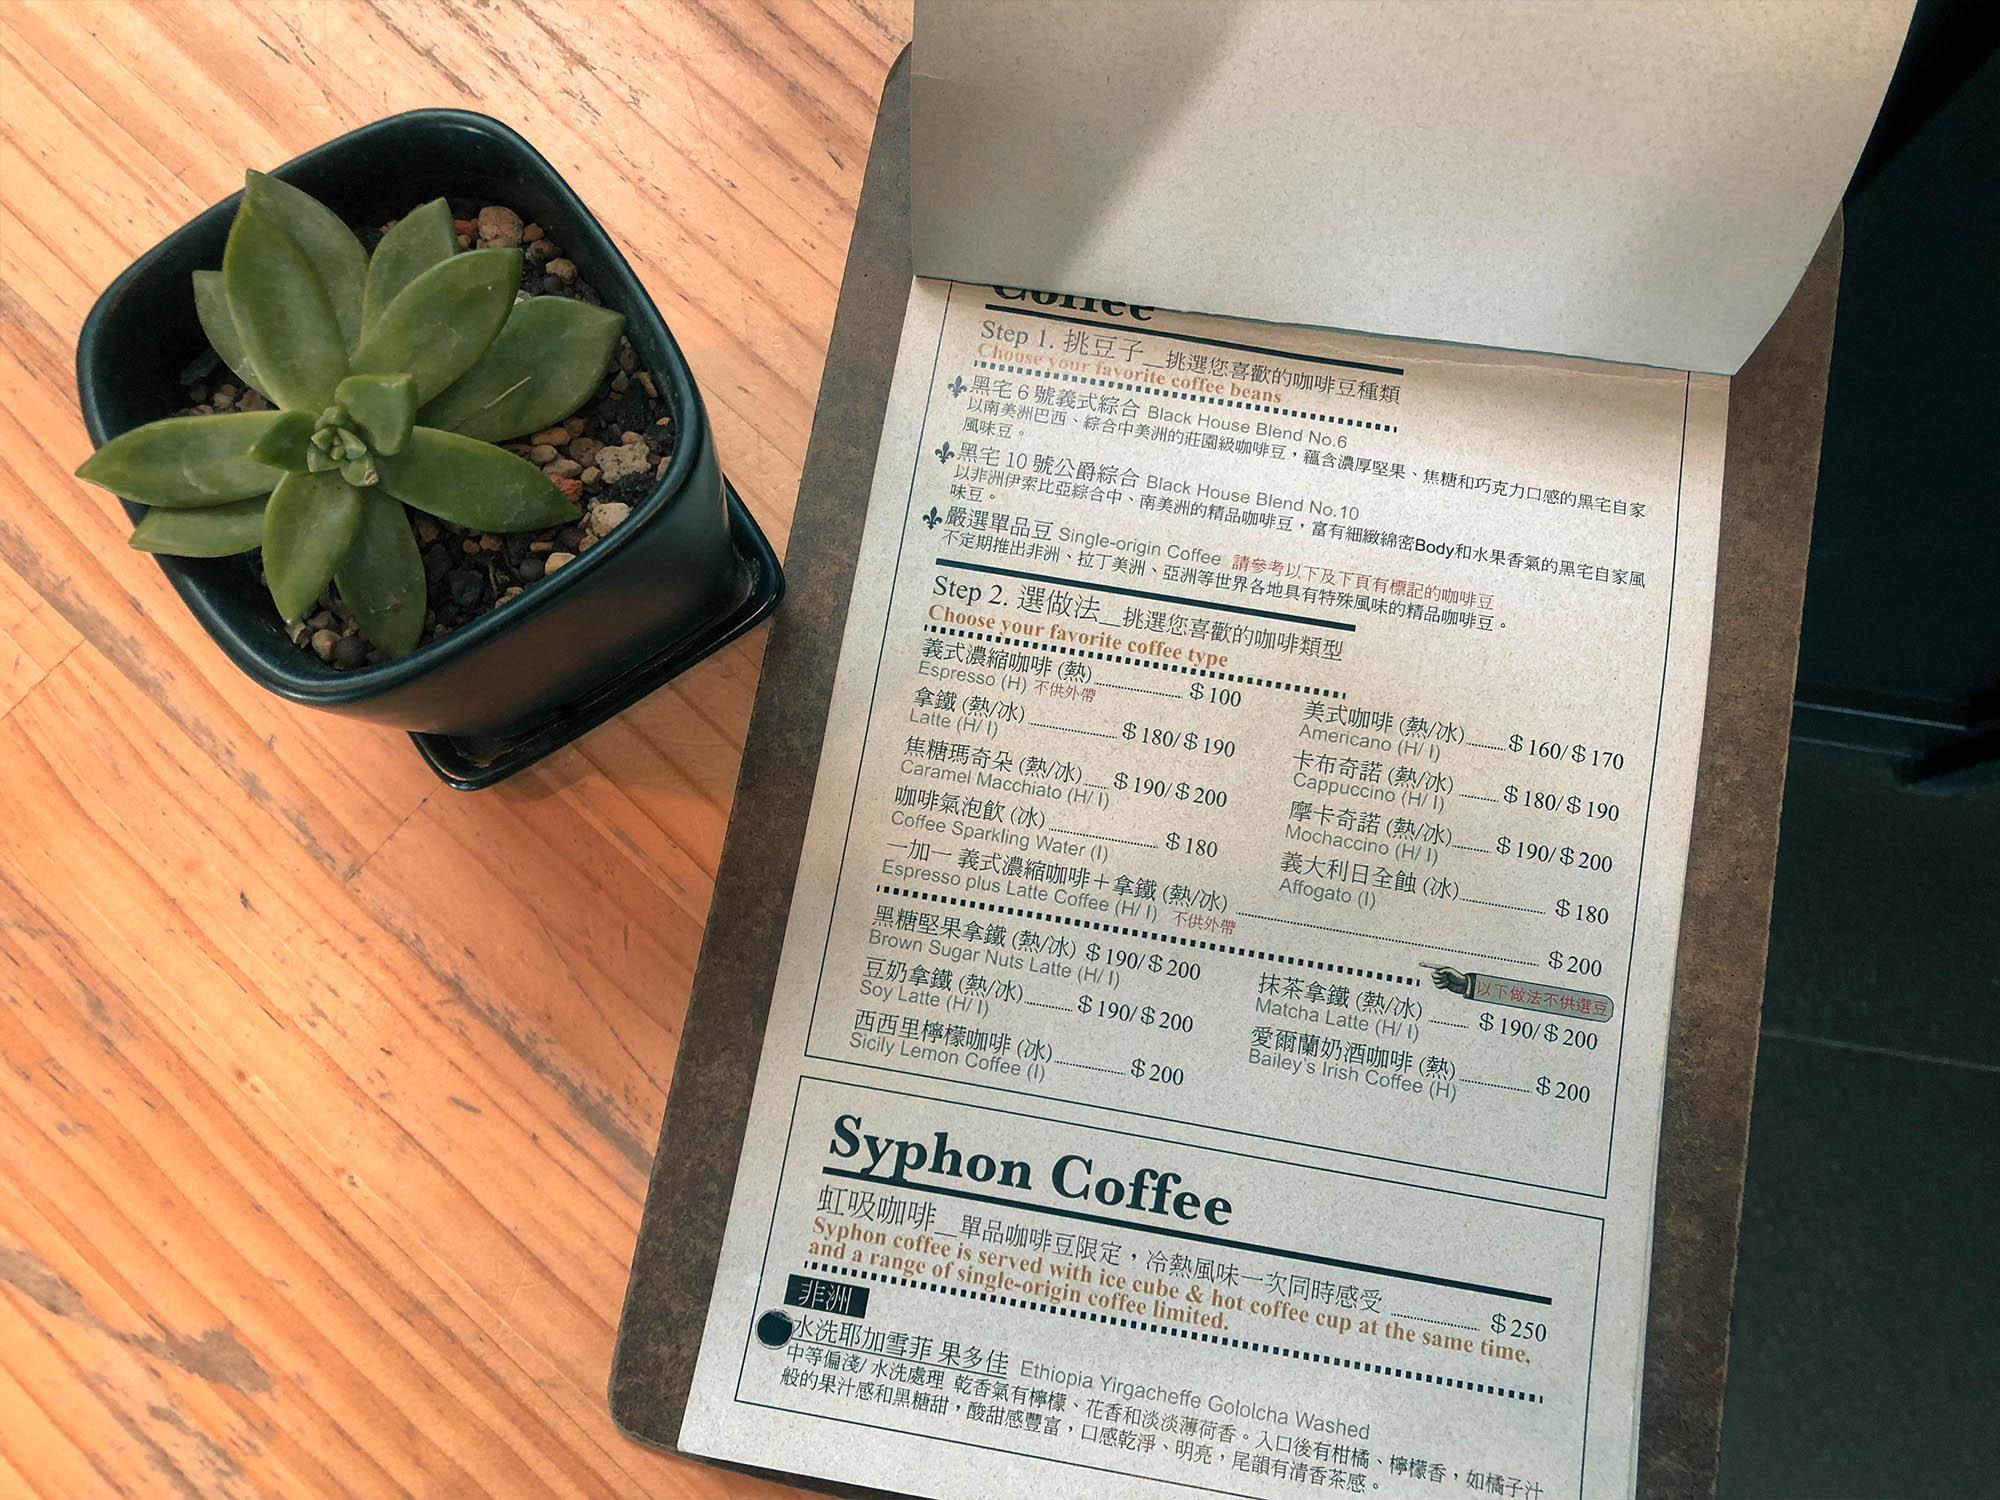 黑宅咖啡_menu咖啡類型